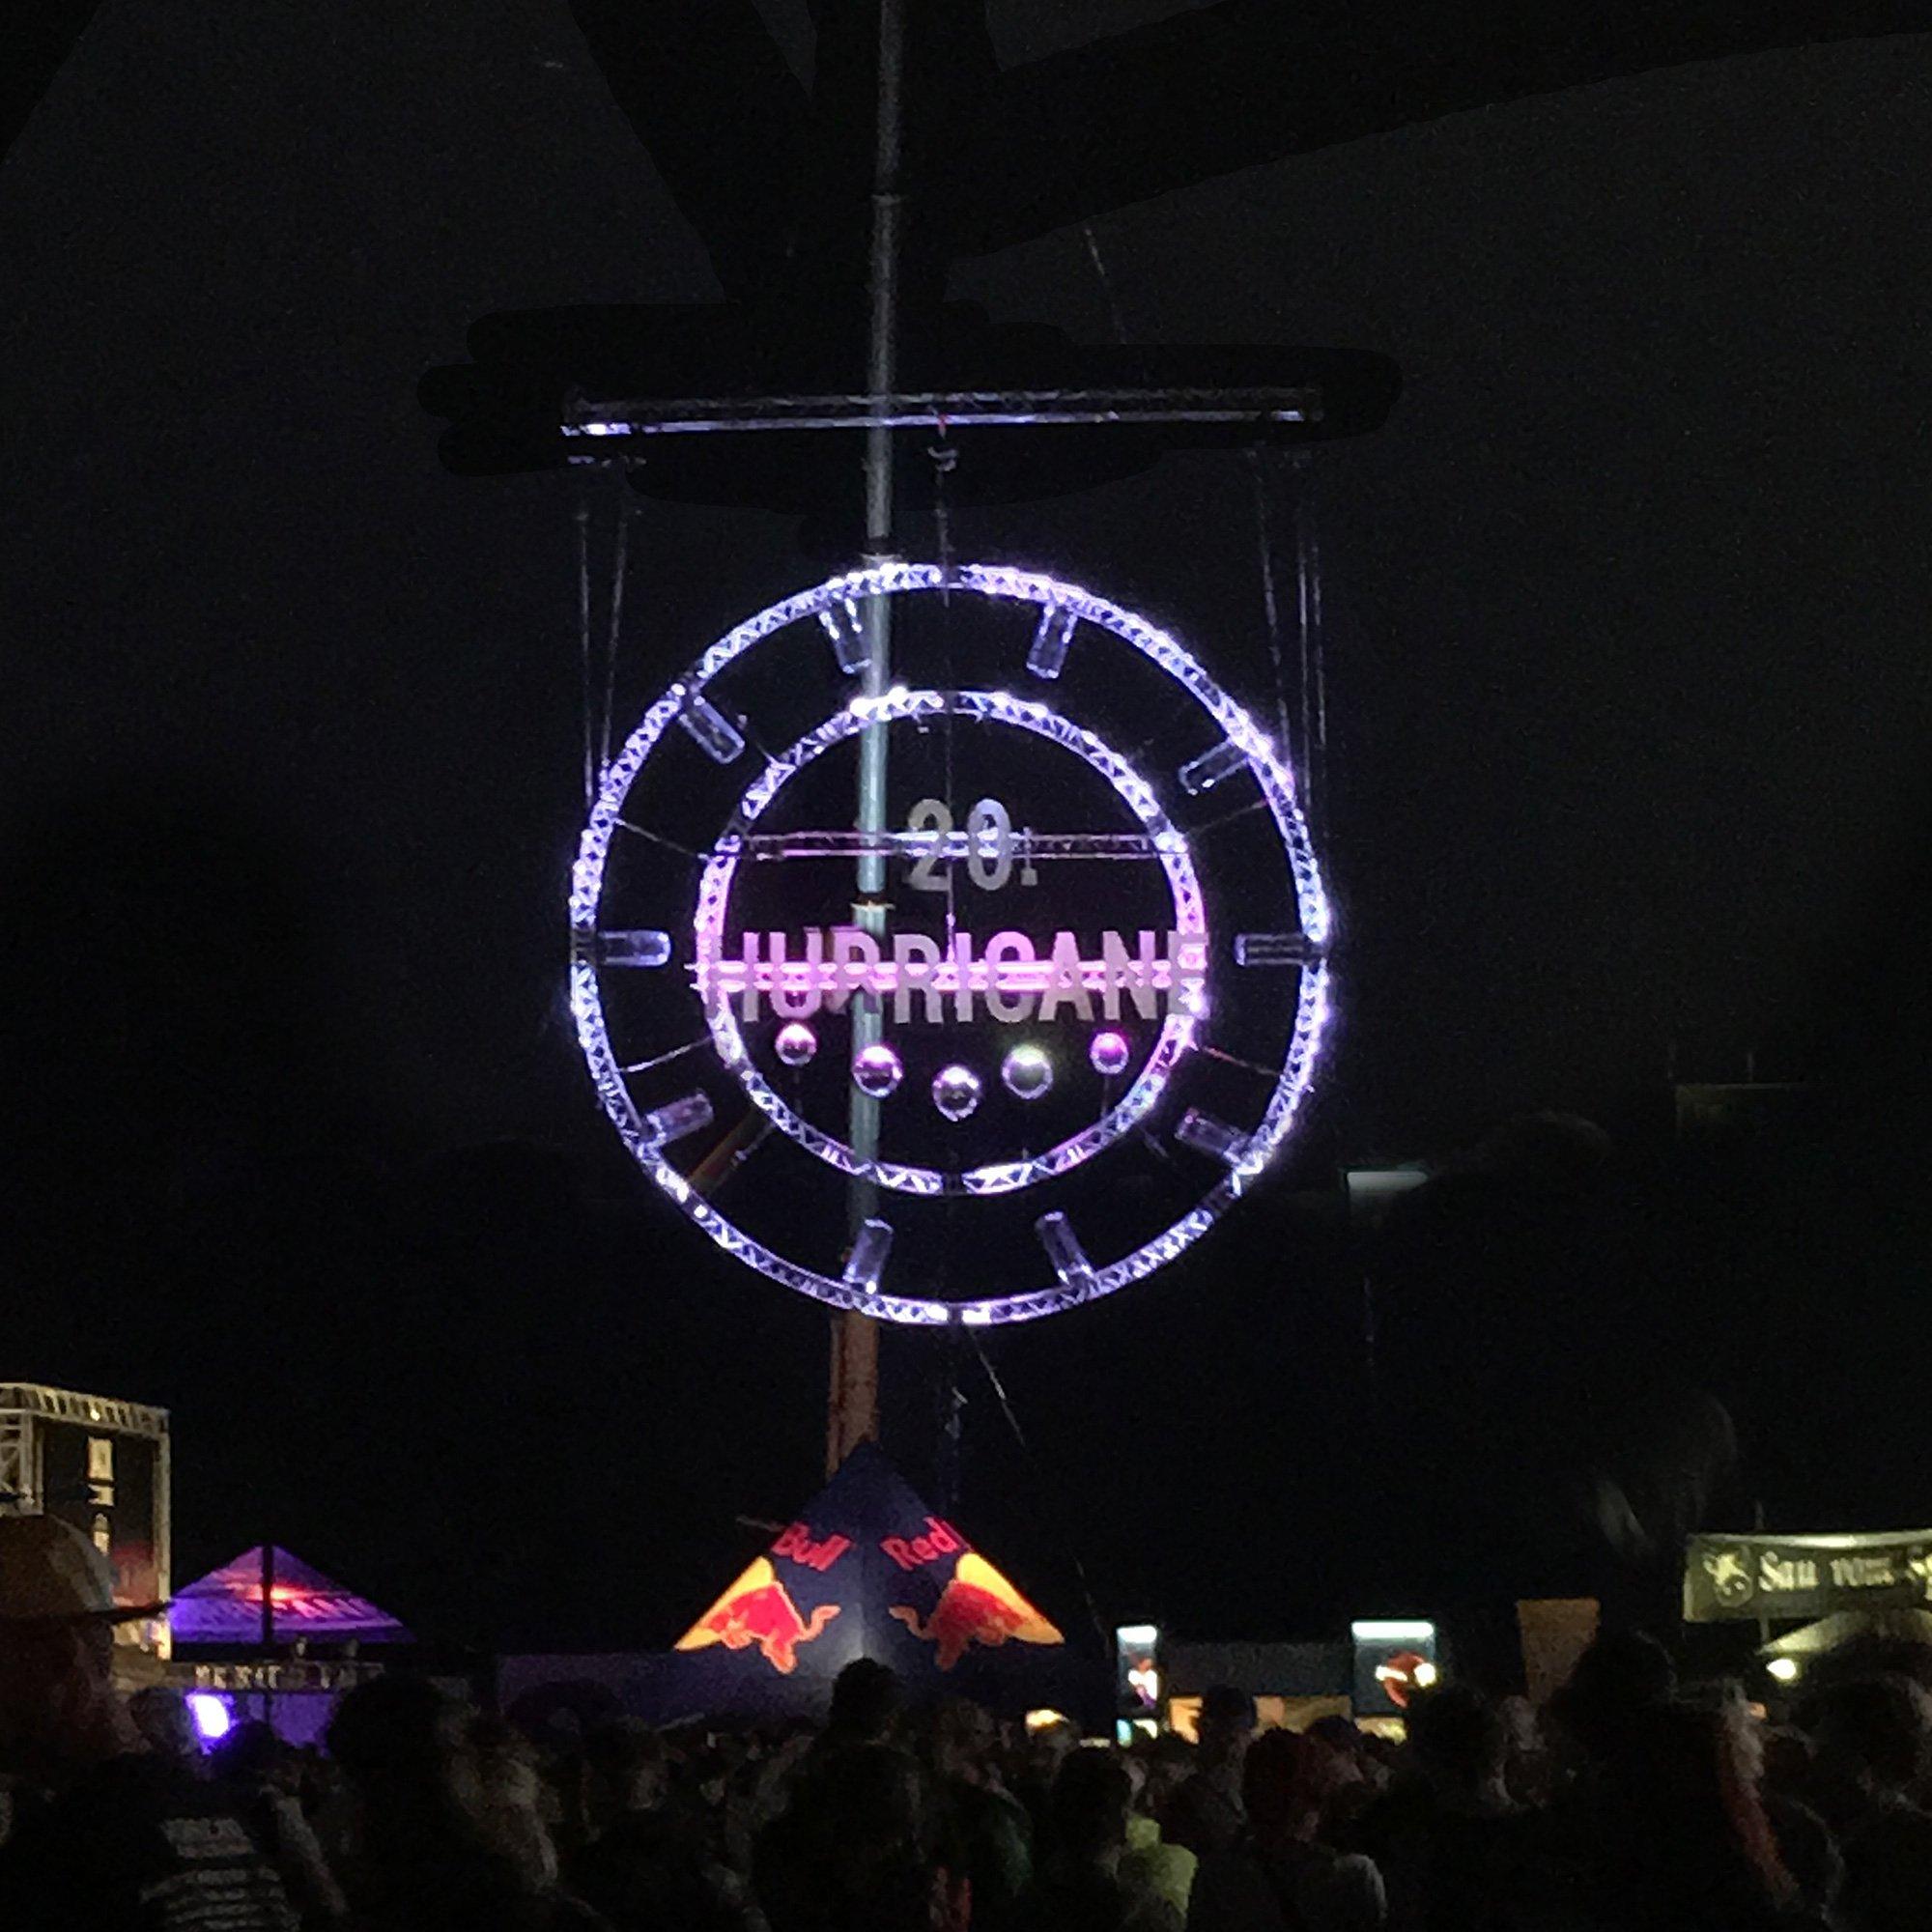 Hurricane Festival 2016: Discokugel